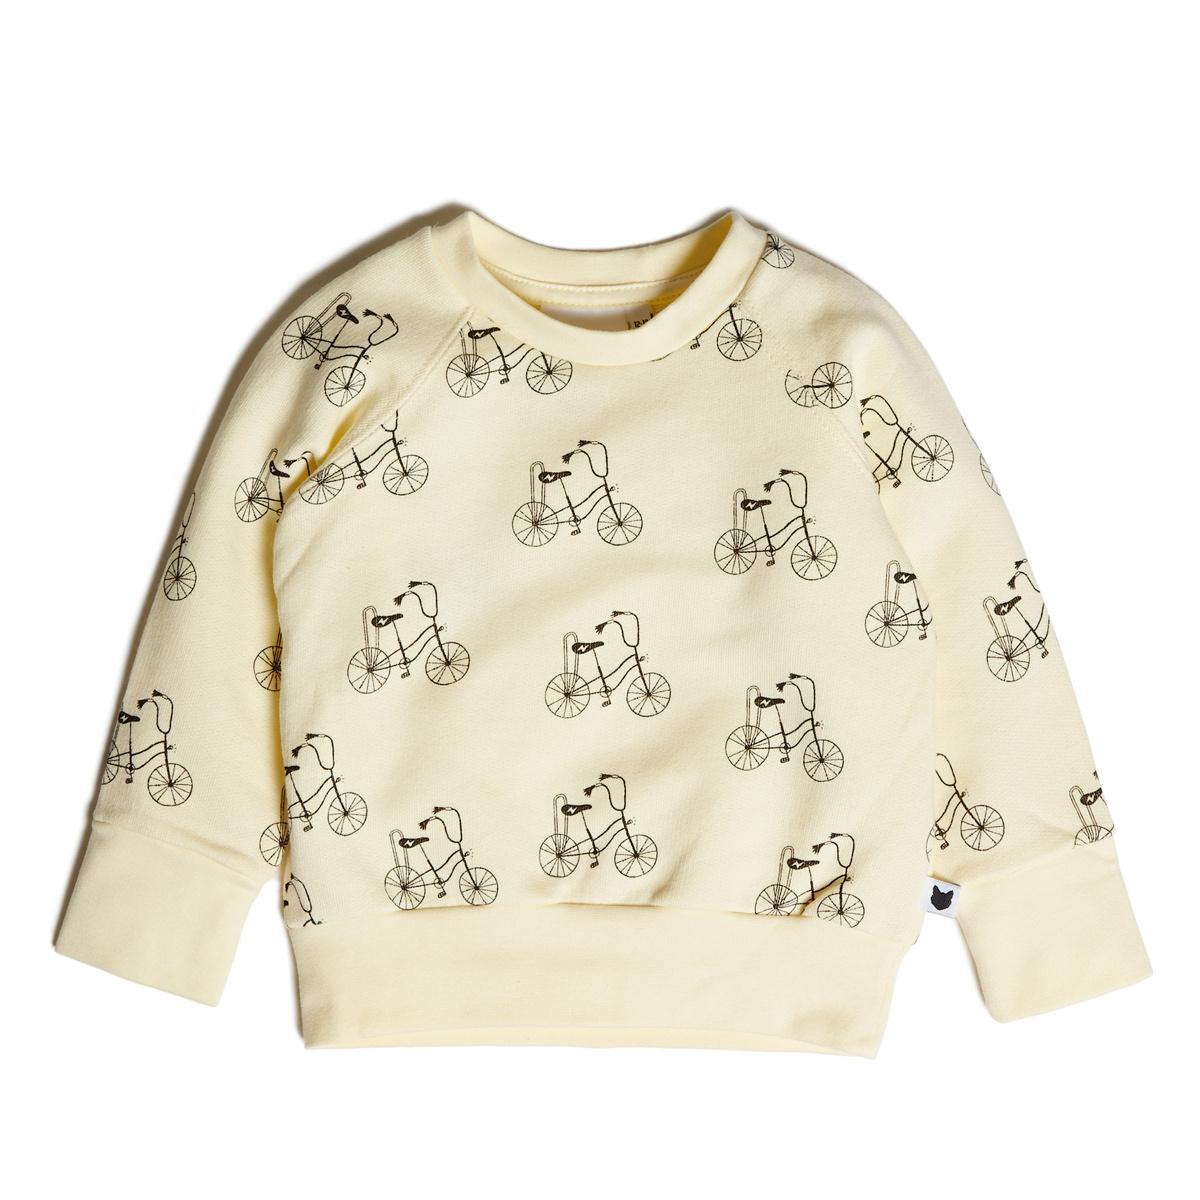 Hauts bébé Sweatshirt Banana Bike Loopback - 2/3 Ans Sweatshirt Banana Bike Loopback - 2/3 Ans